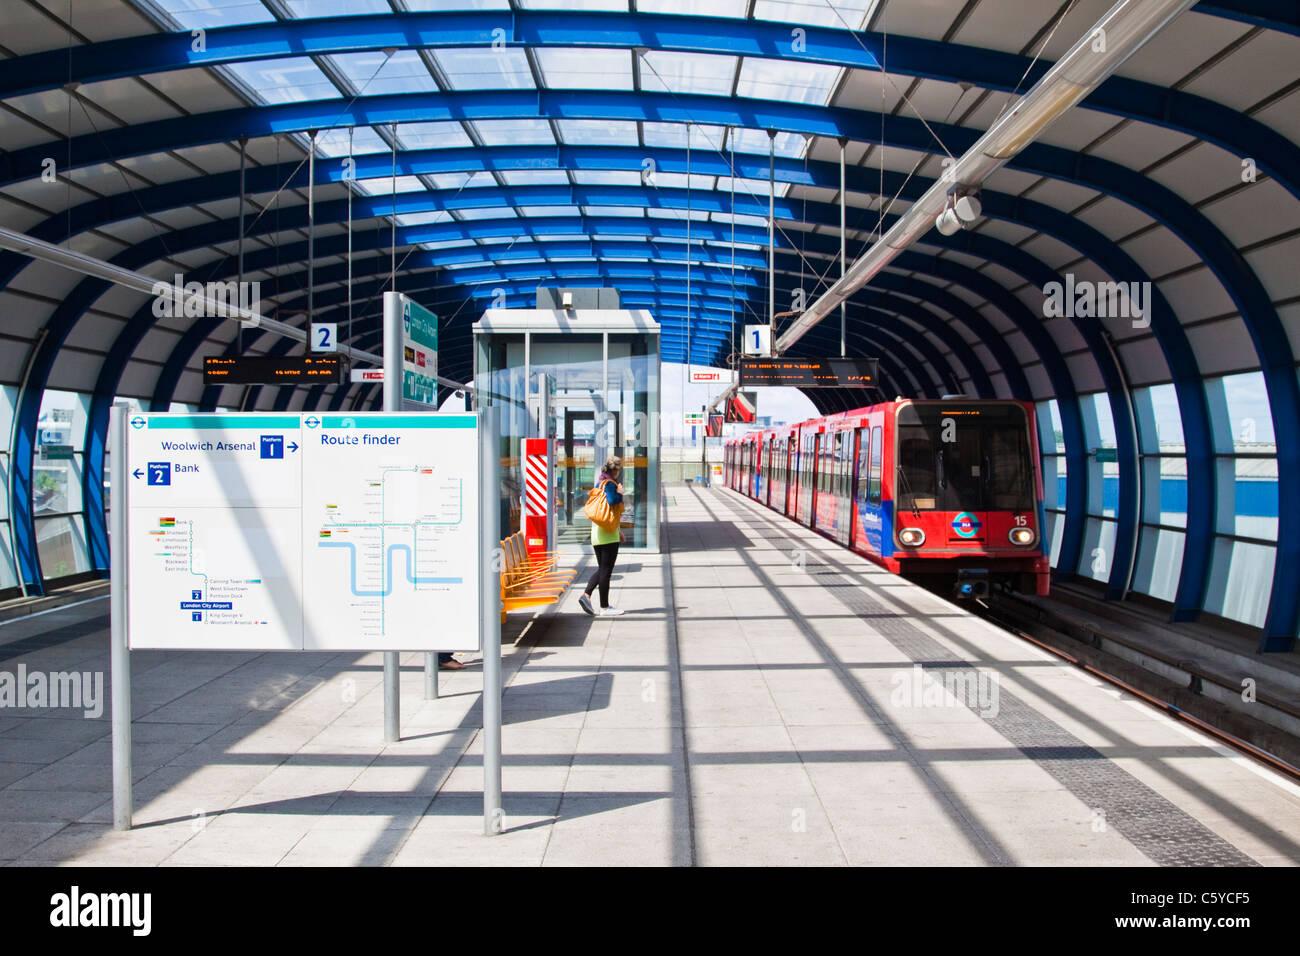 Dlr Bahnsteig Der London City Airport Stockfoto Bild